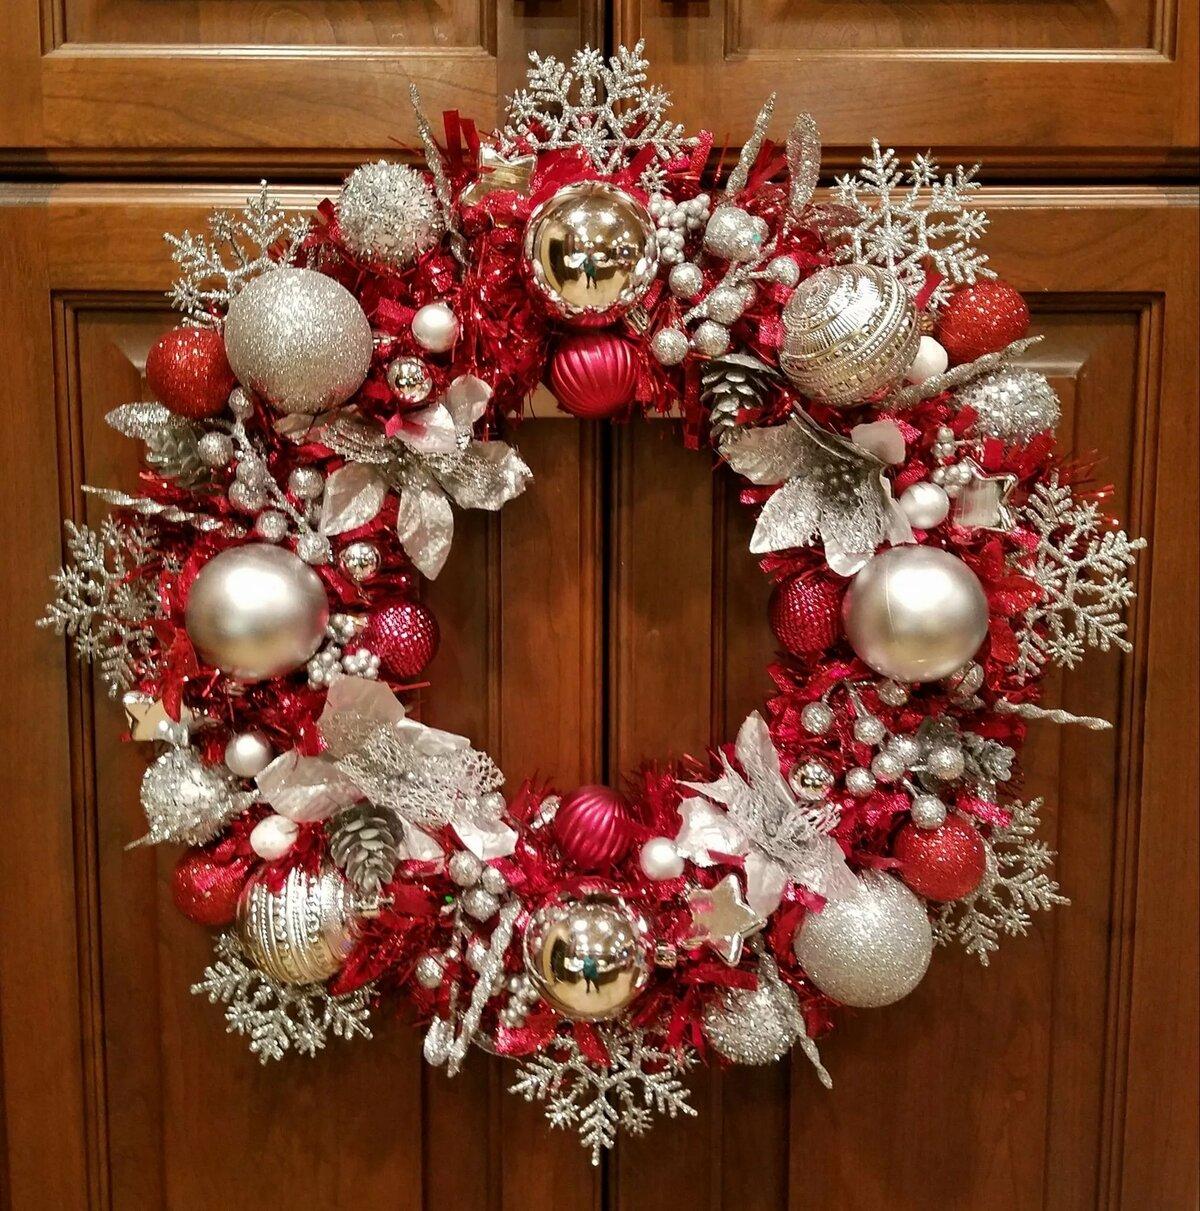 дом спарта картинка новогоднего венка на двери казахстане